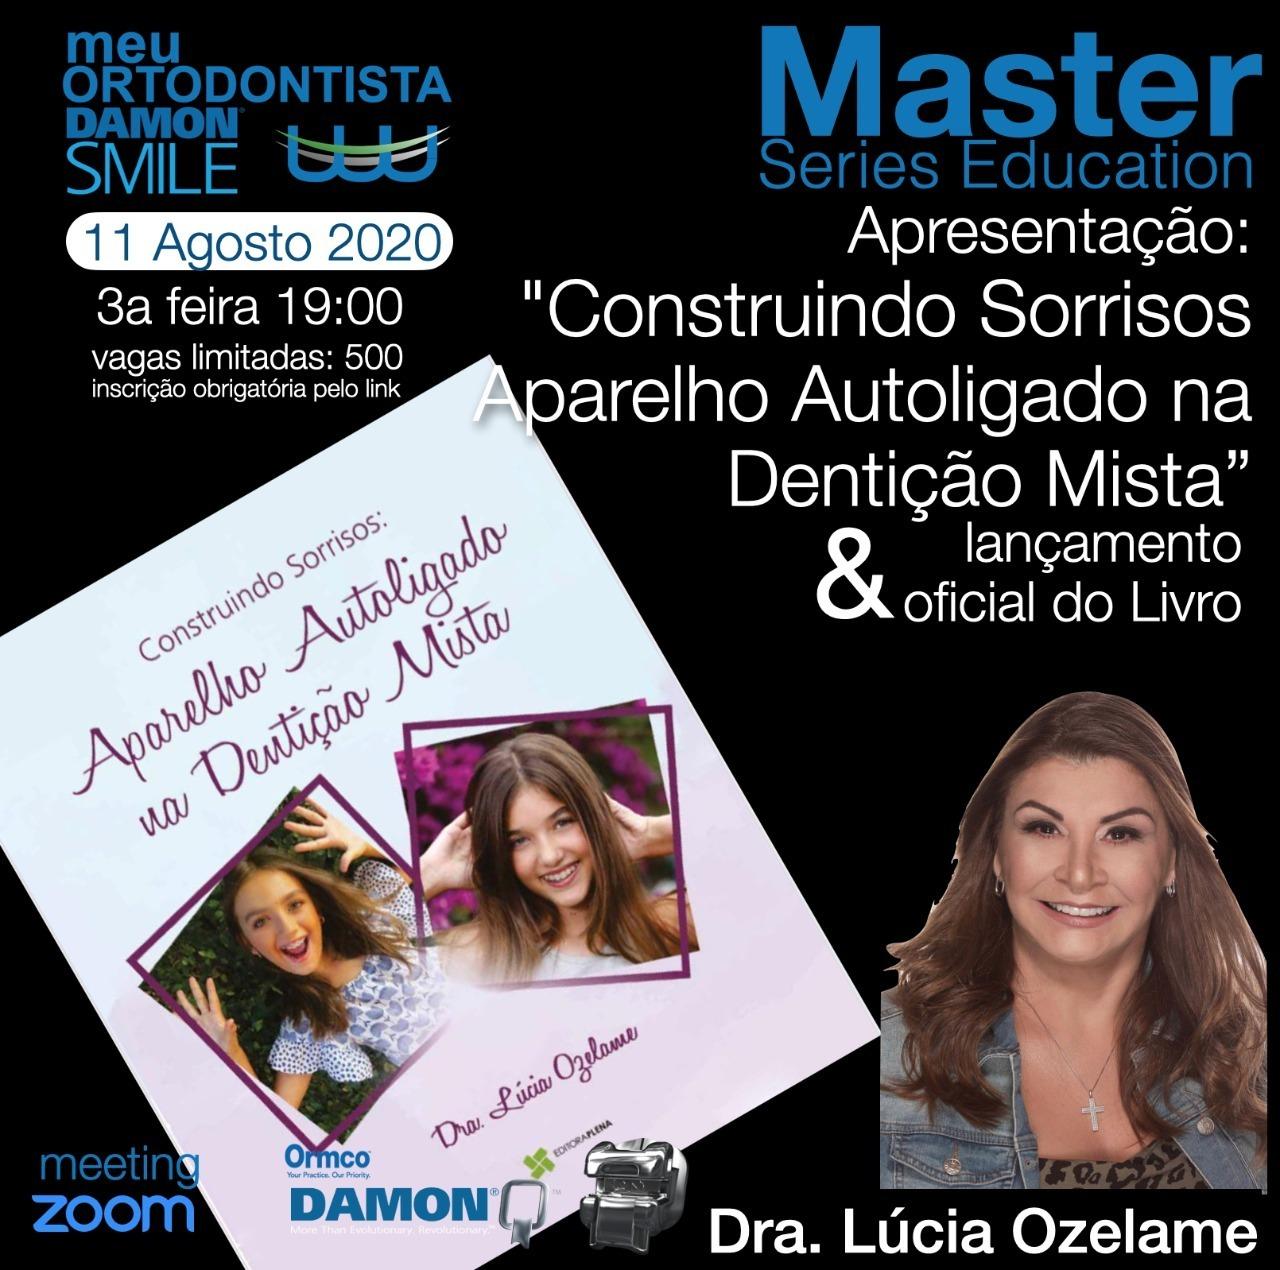 Live Lucia Ozelame 11 ago